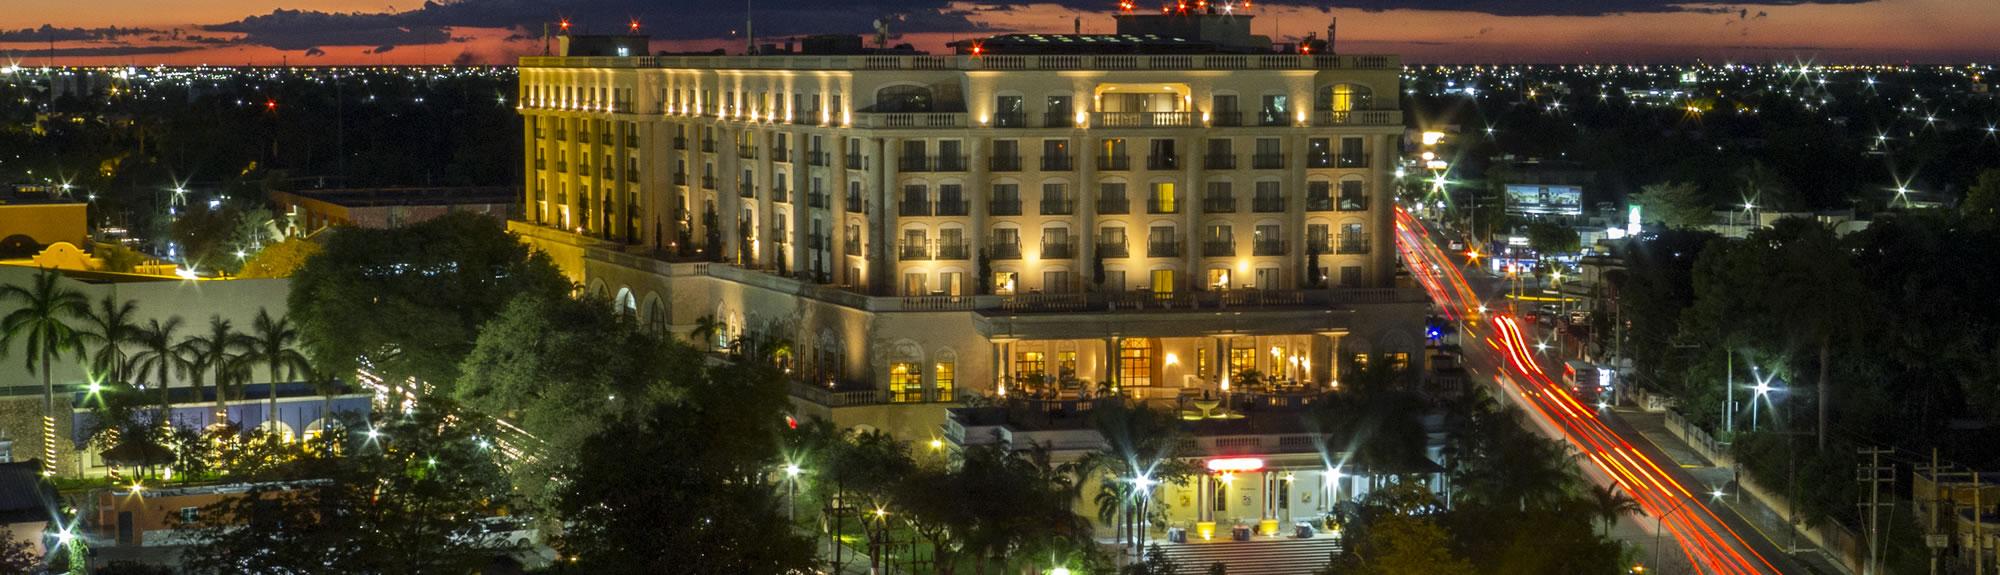 Hotel 5 estrellas en Mérida